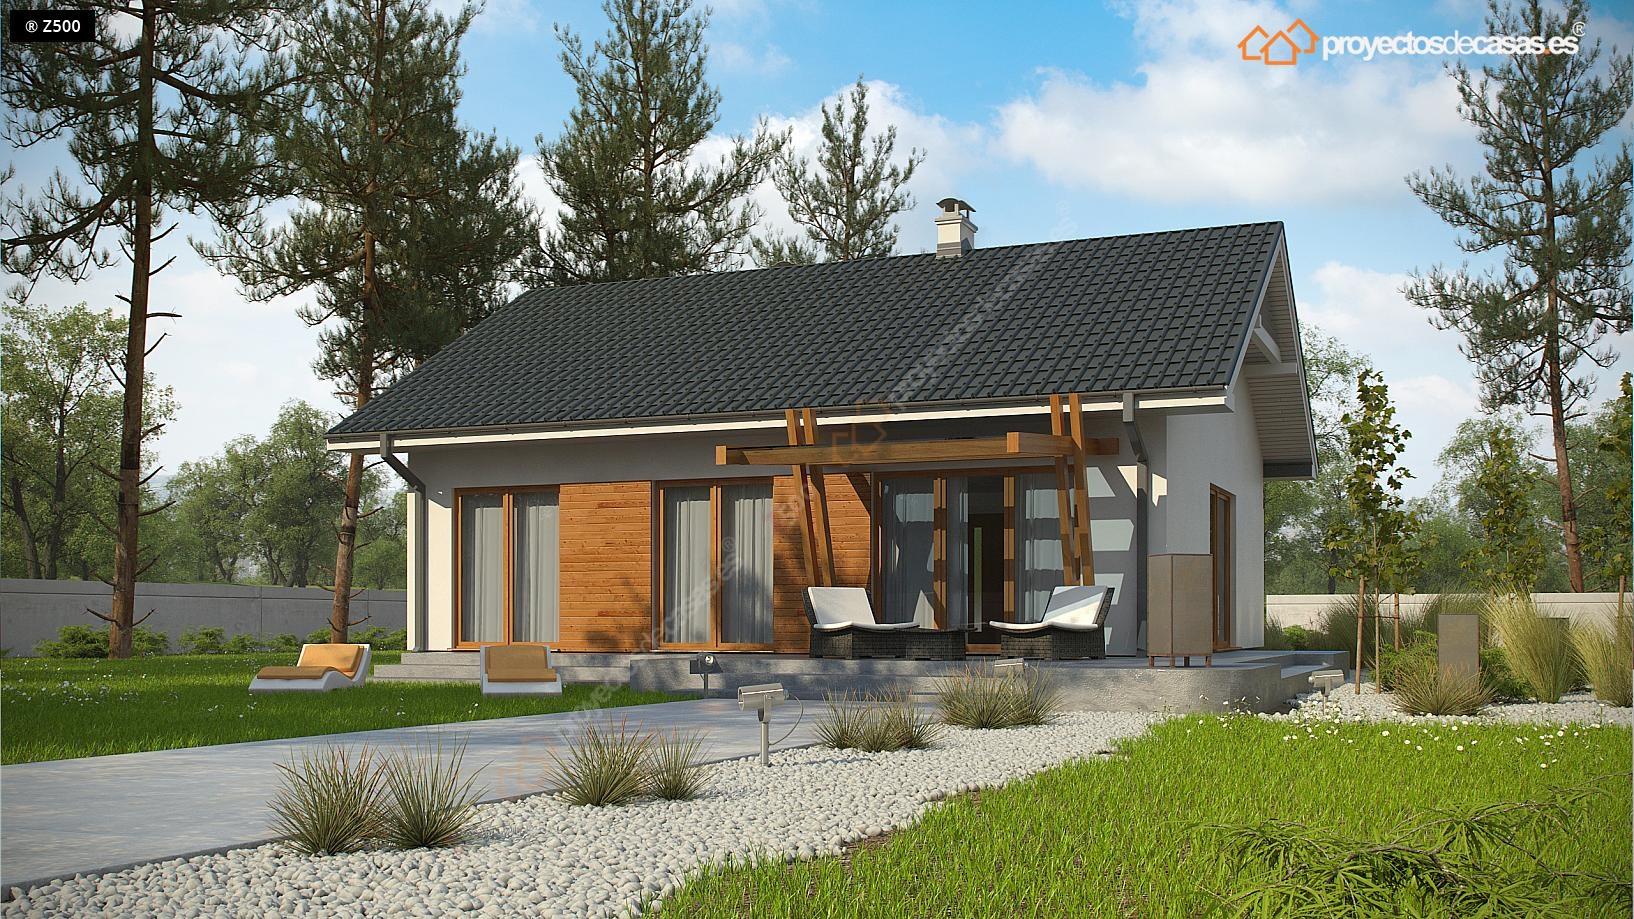 Proyectos de casas casa tradicional proyectosdecasas - Constructores de casas de madera ...